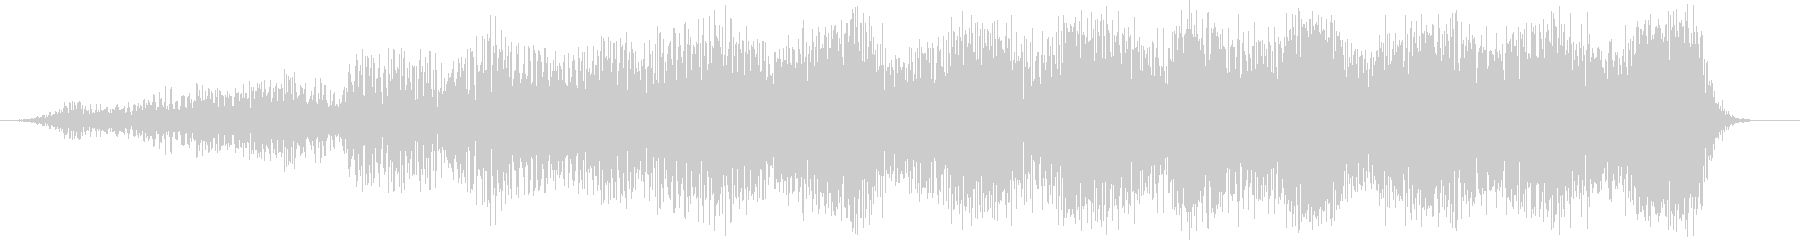 スローディープパルスラッシングパスバイの未再生の波形